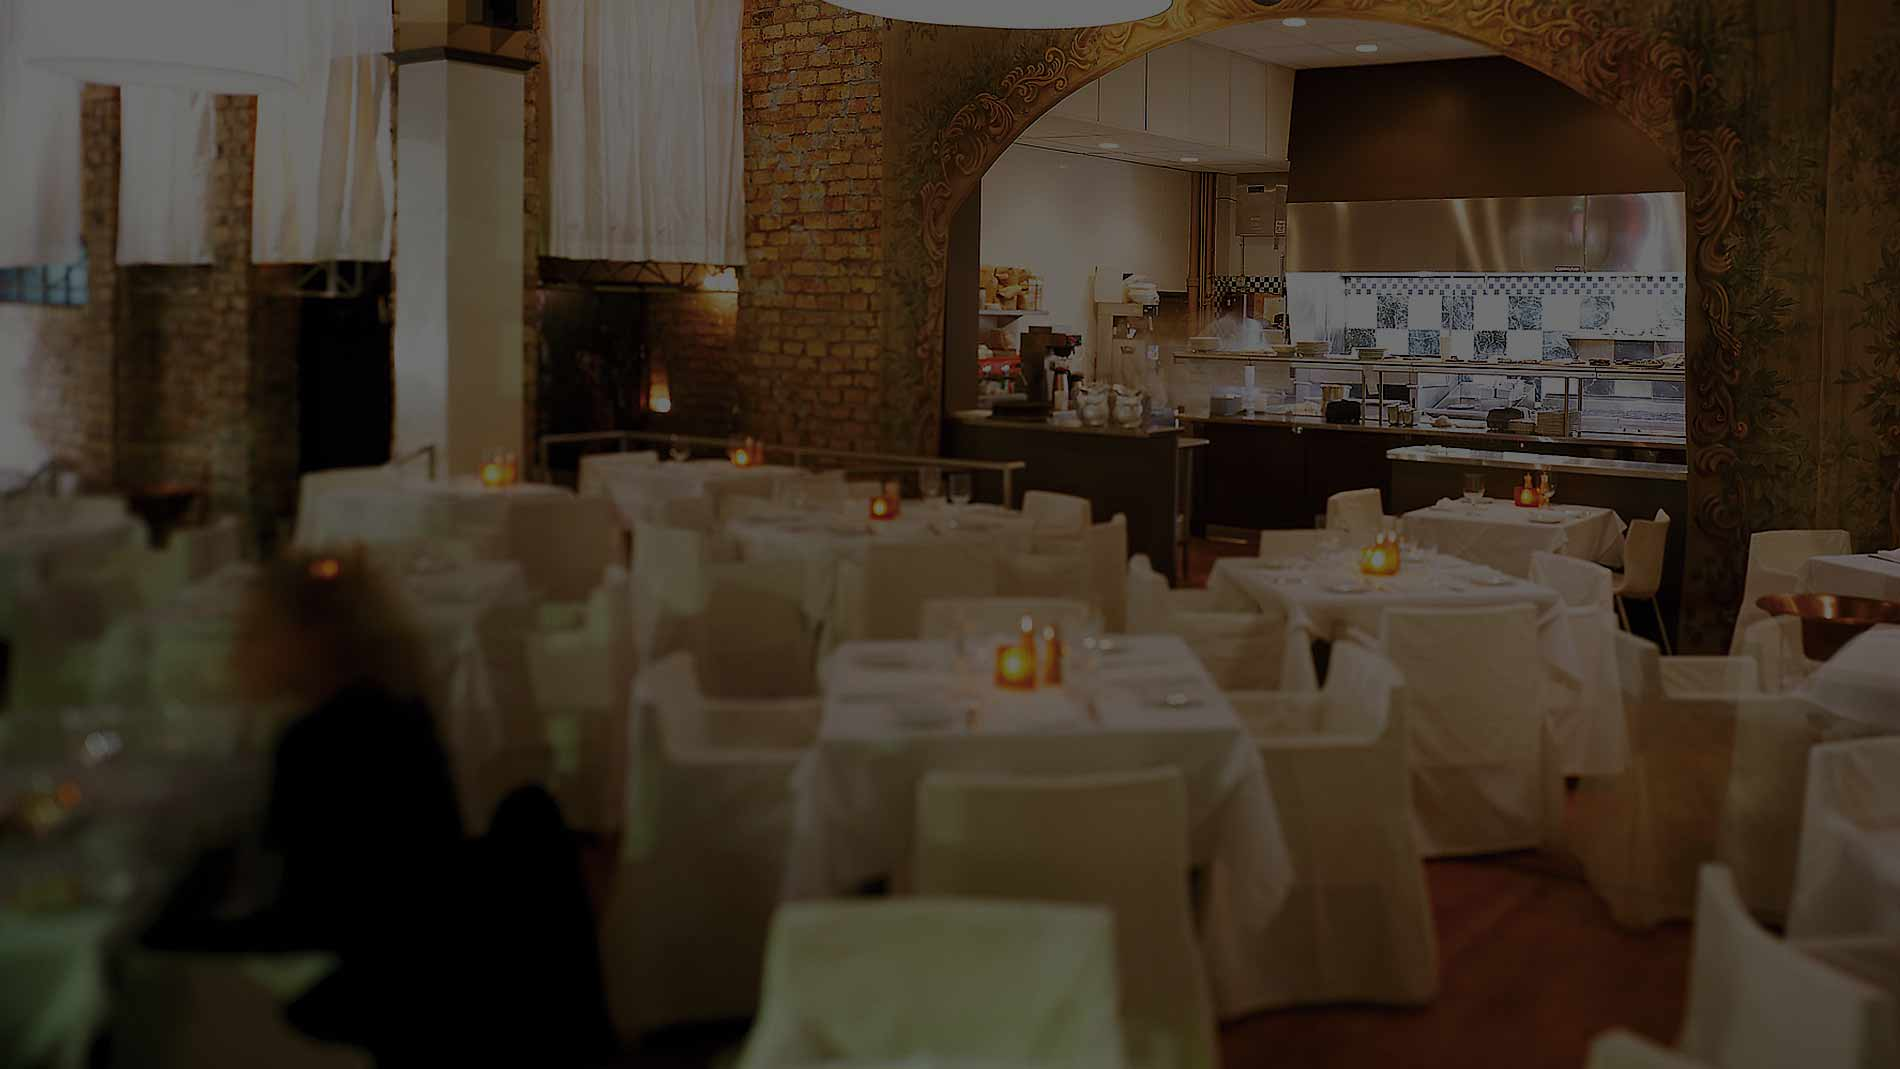 cafe lurcat minneapolis date night cuisine